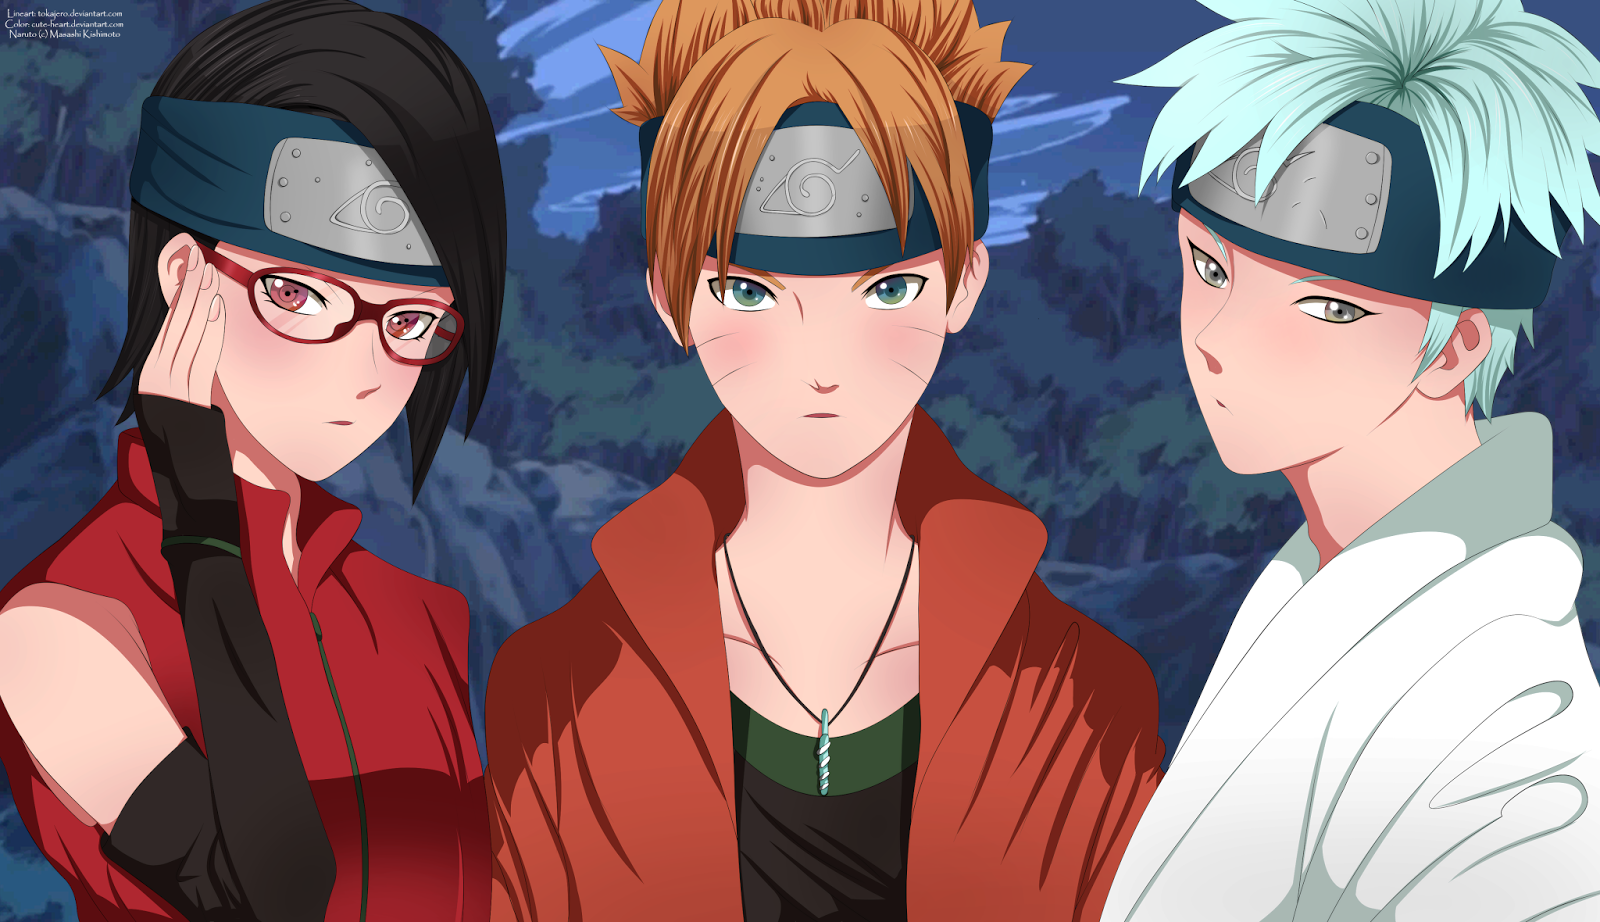 Wallpaper Naruto Paling Keren Koleksi Gambar Hd